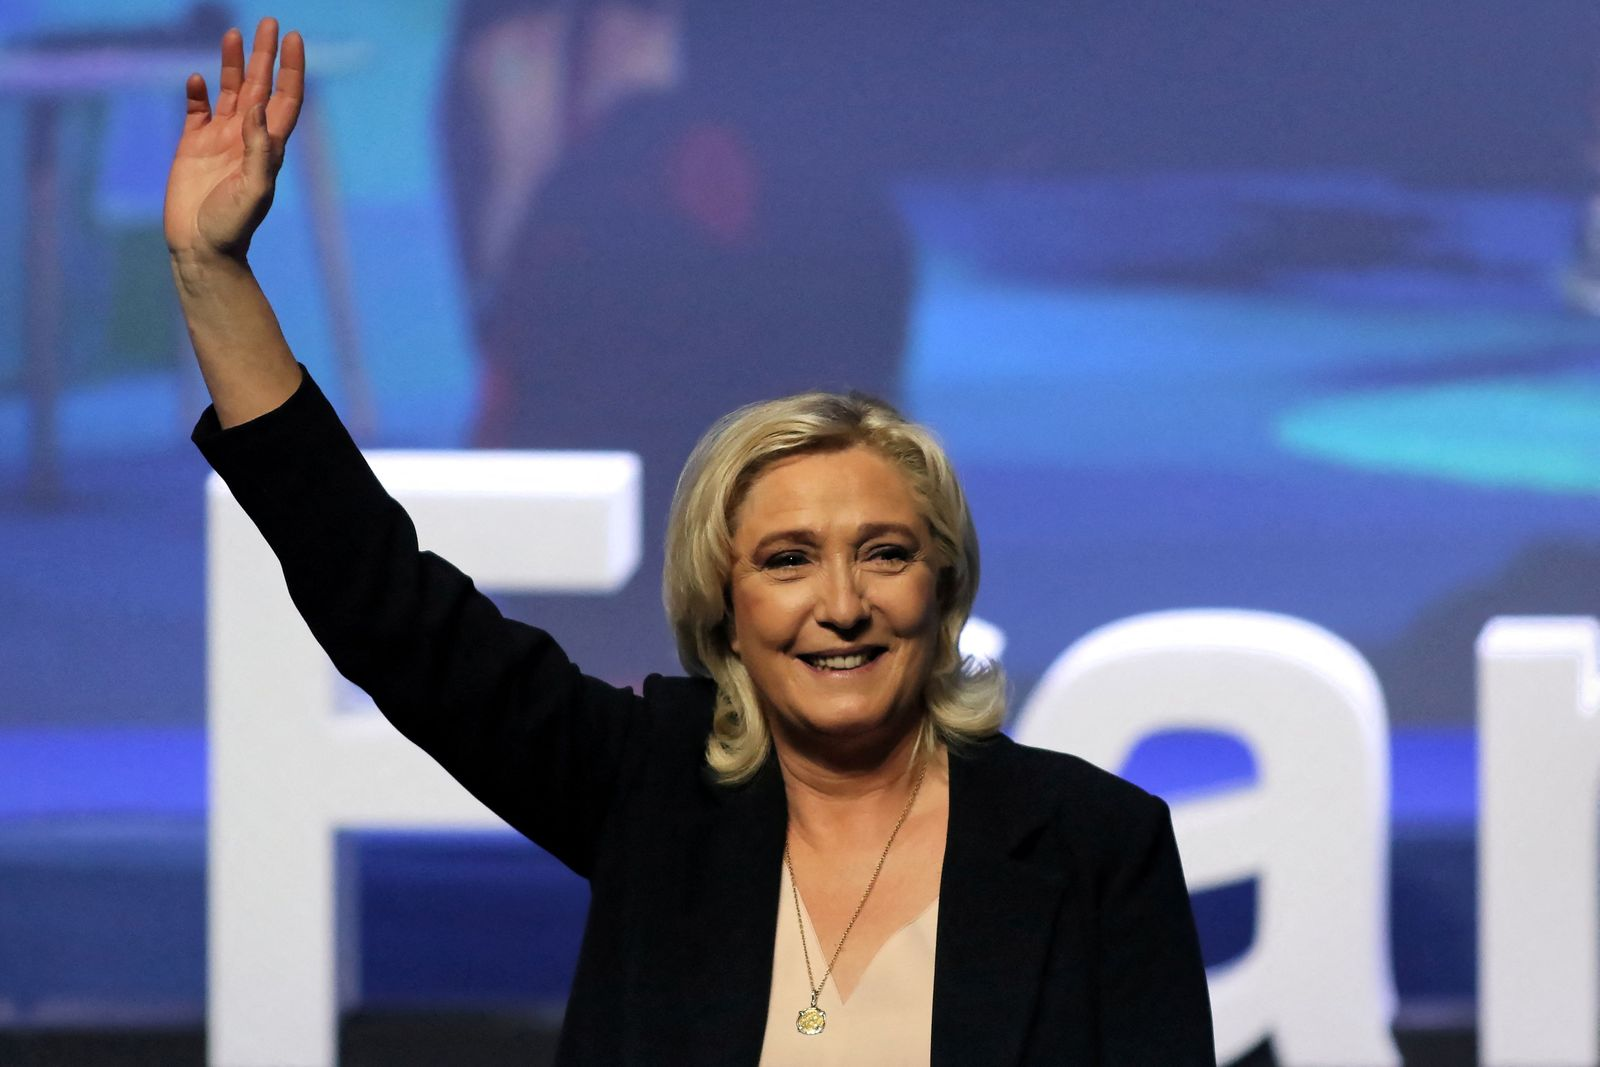 FRANCE-POLITICS-FAR RIGHT-RN